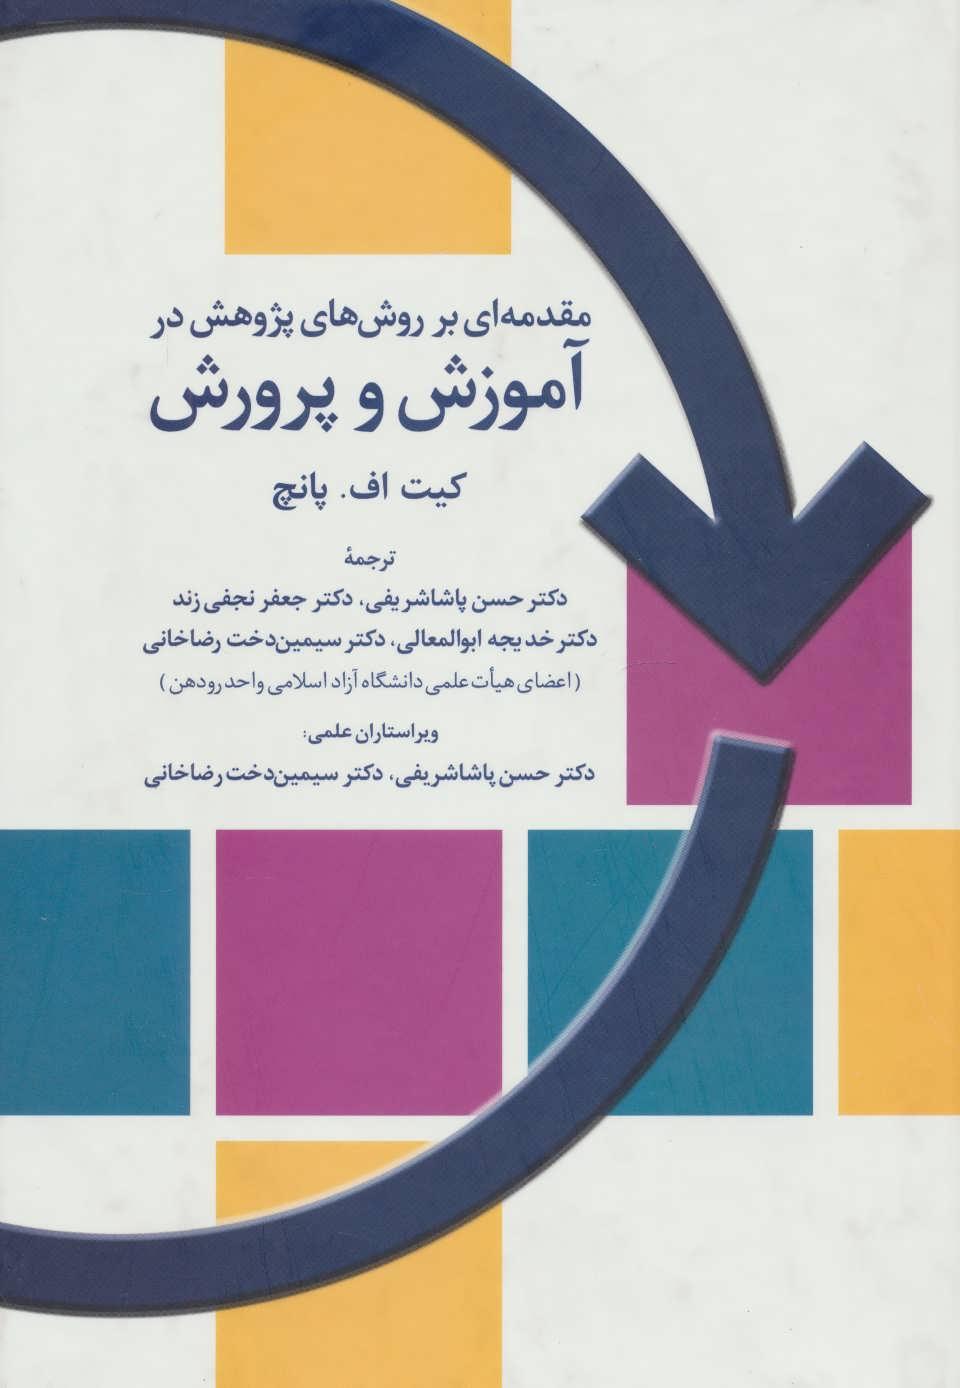 کتاب مقدمهای بر روشهای پژوهش درآموزش و پرورش